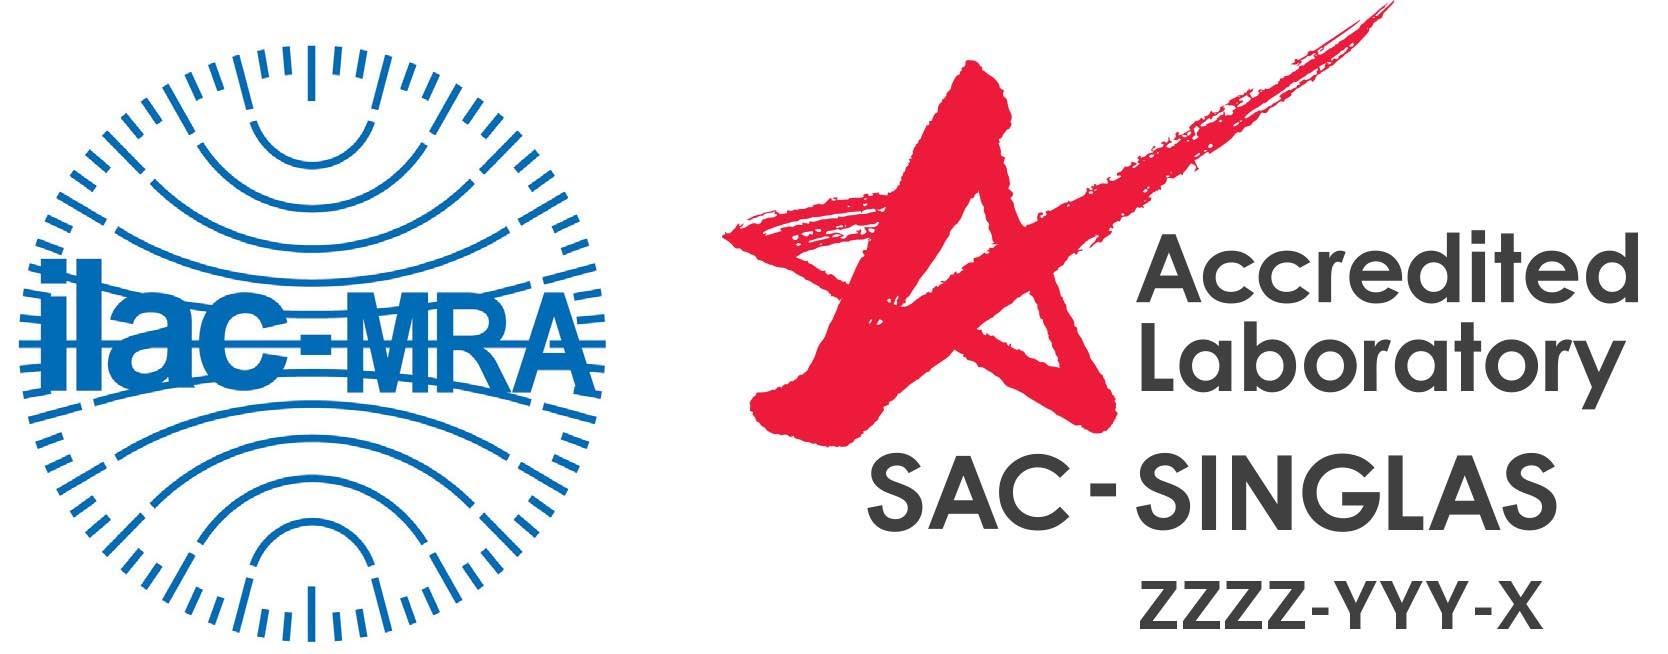 SAC Singlas with ILAC